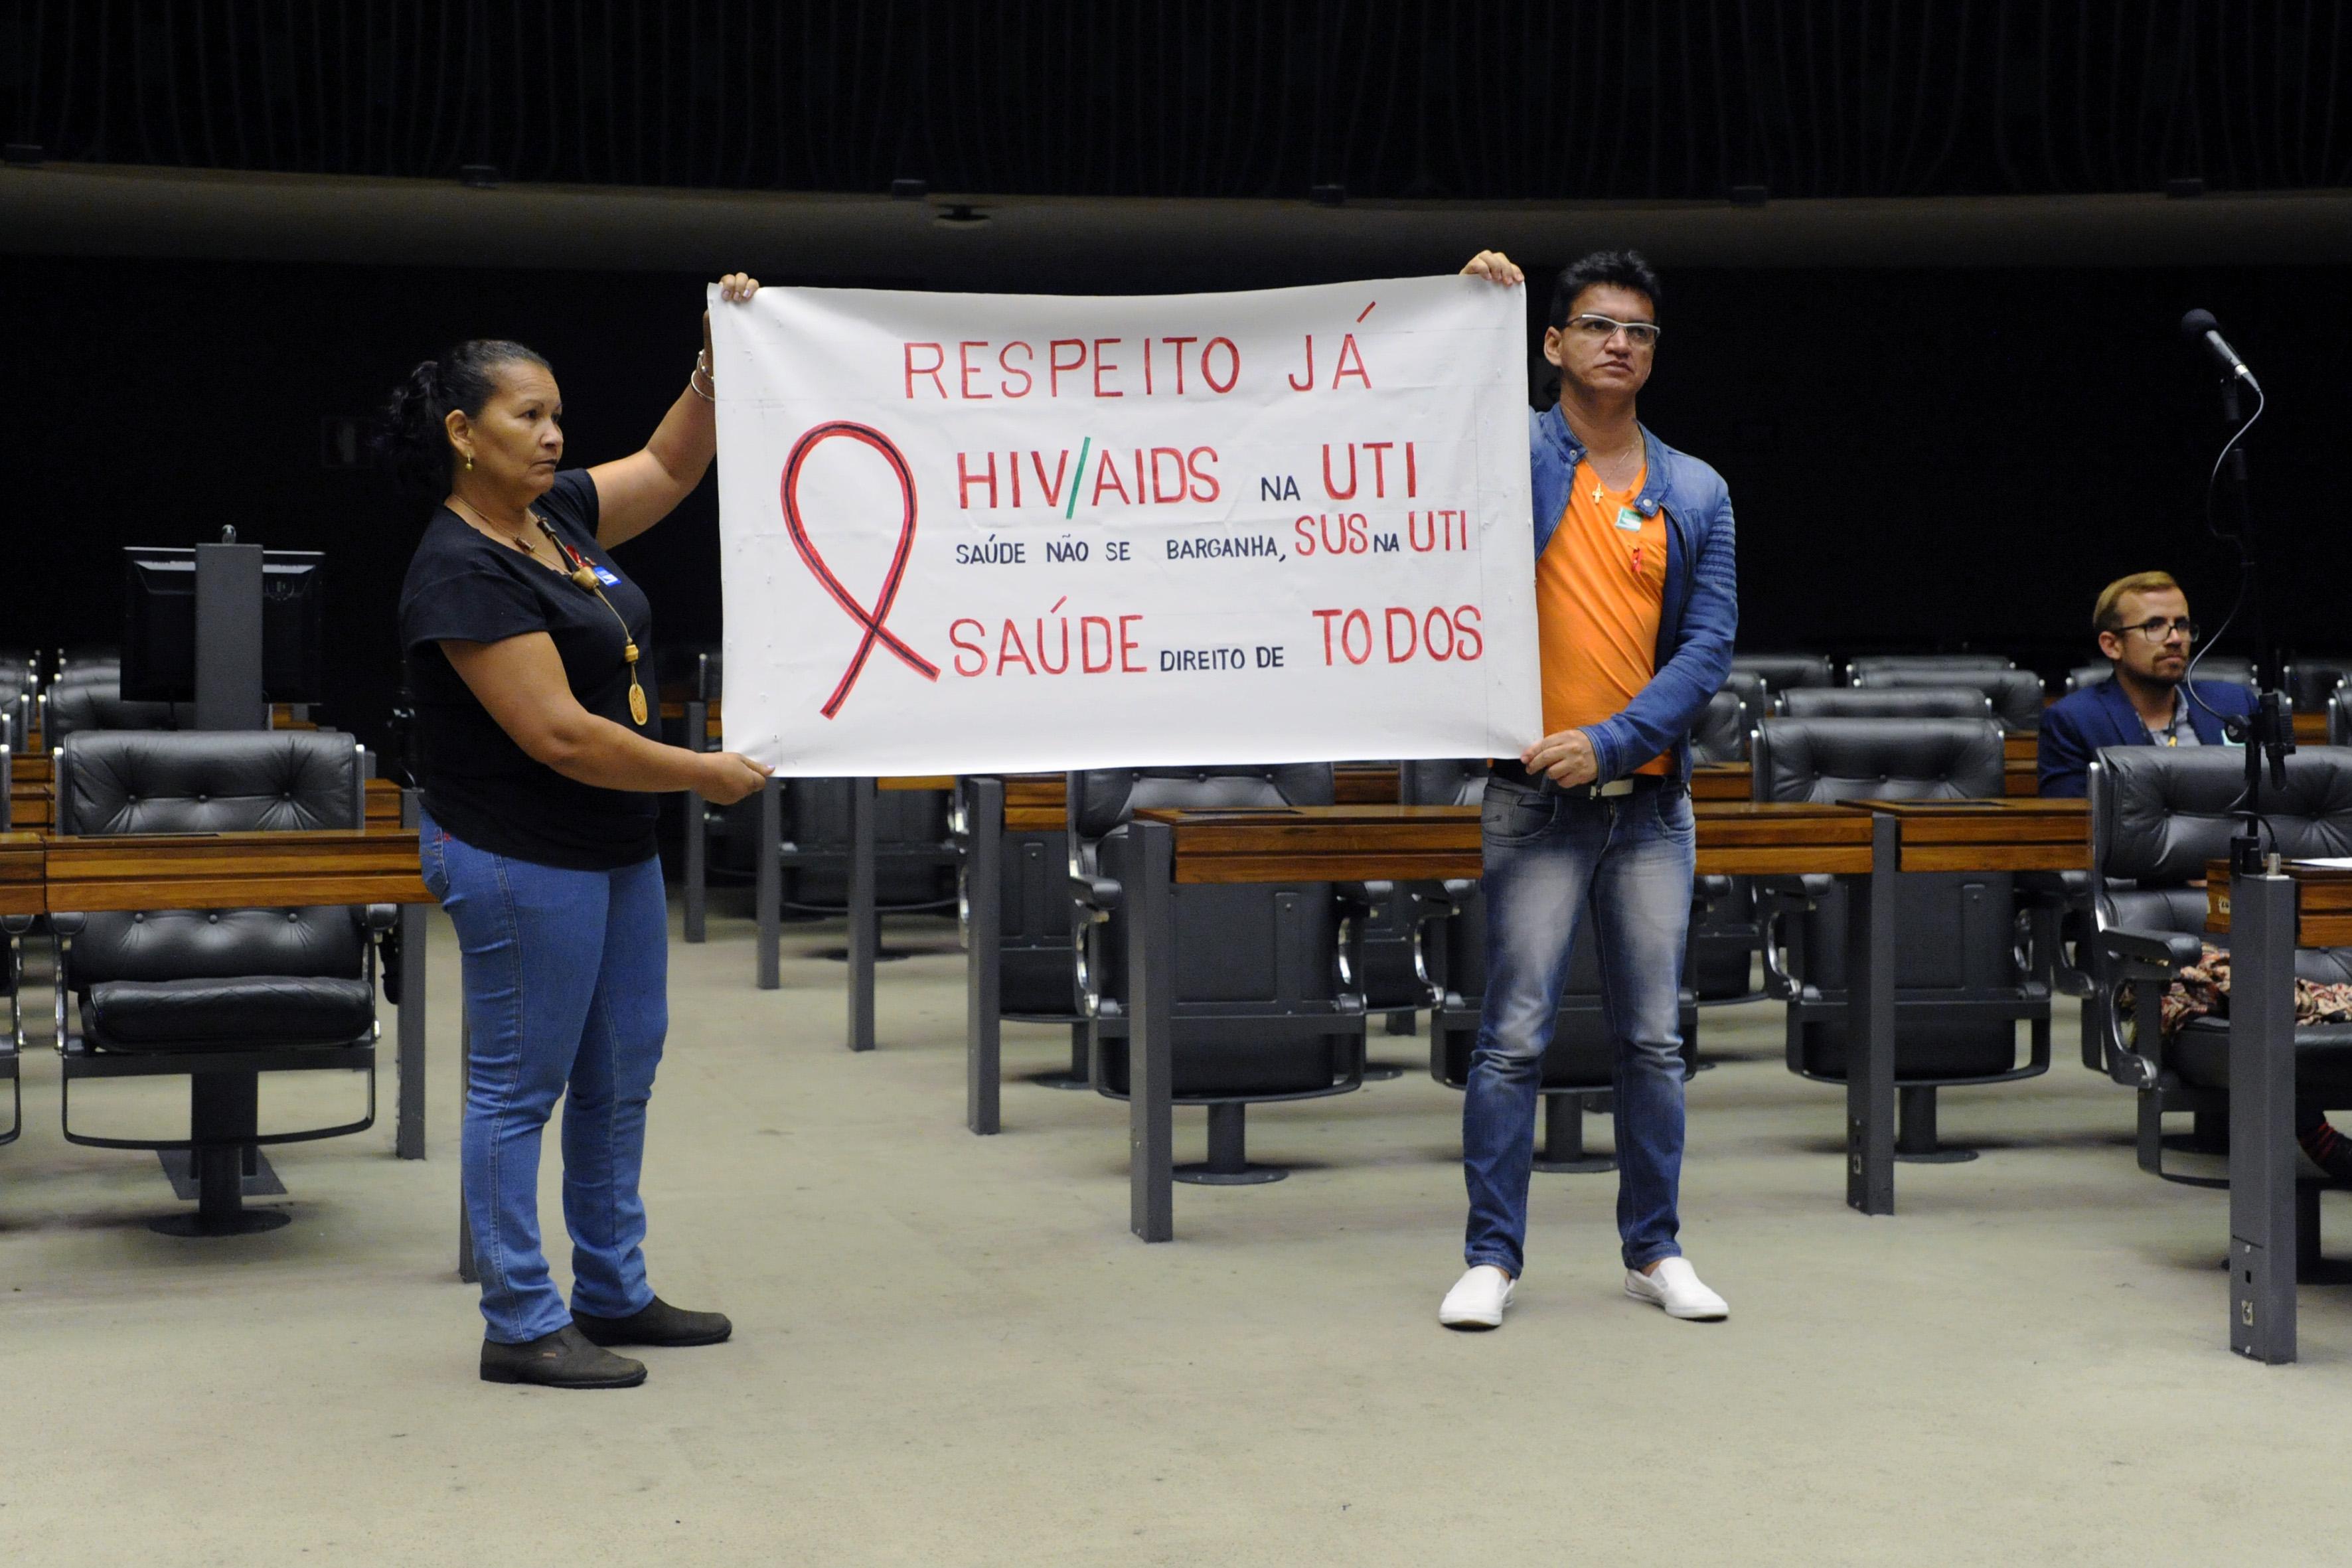 Câmara faz sessão para lembrar a luta contra a Aids, que ainda mata 15 mil pessoas por ano no Brasil